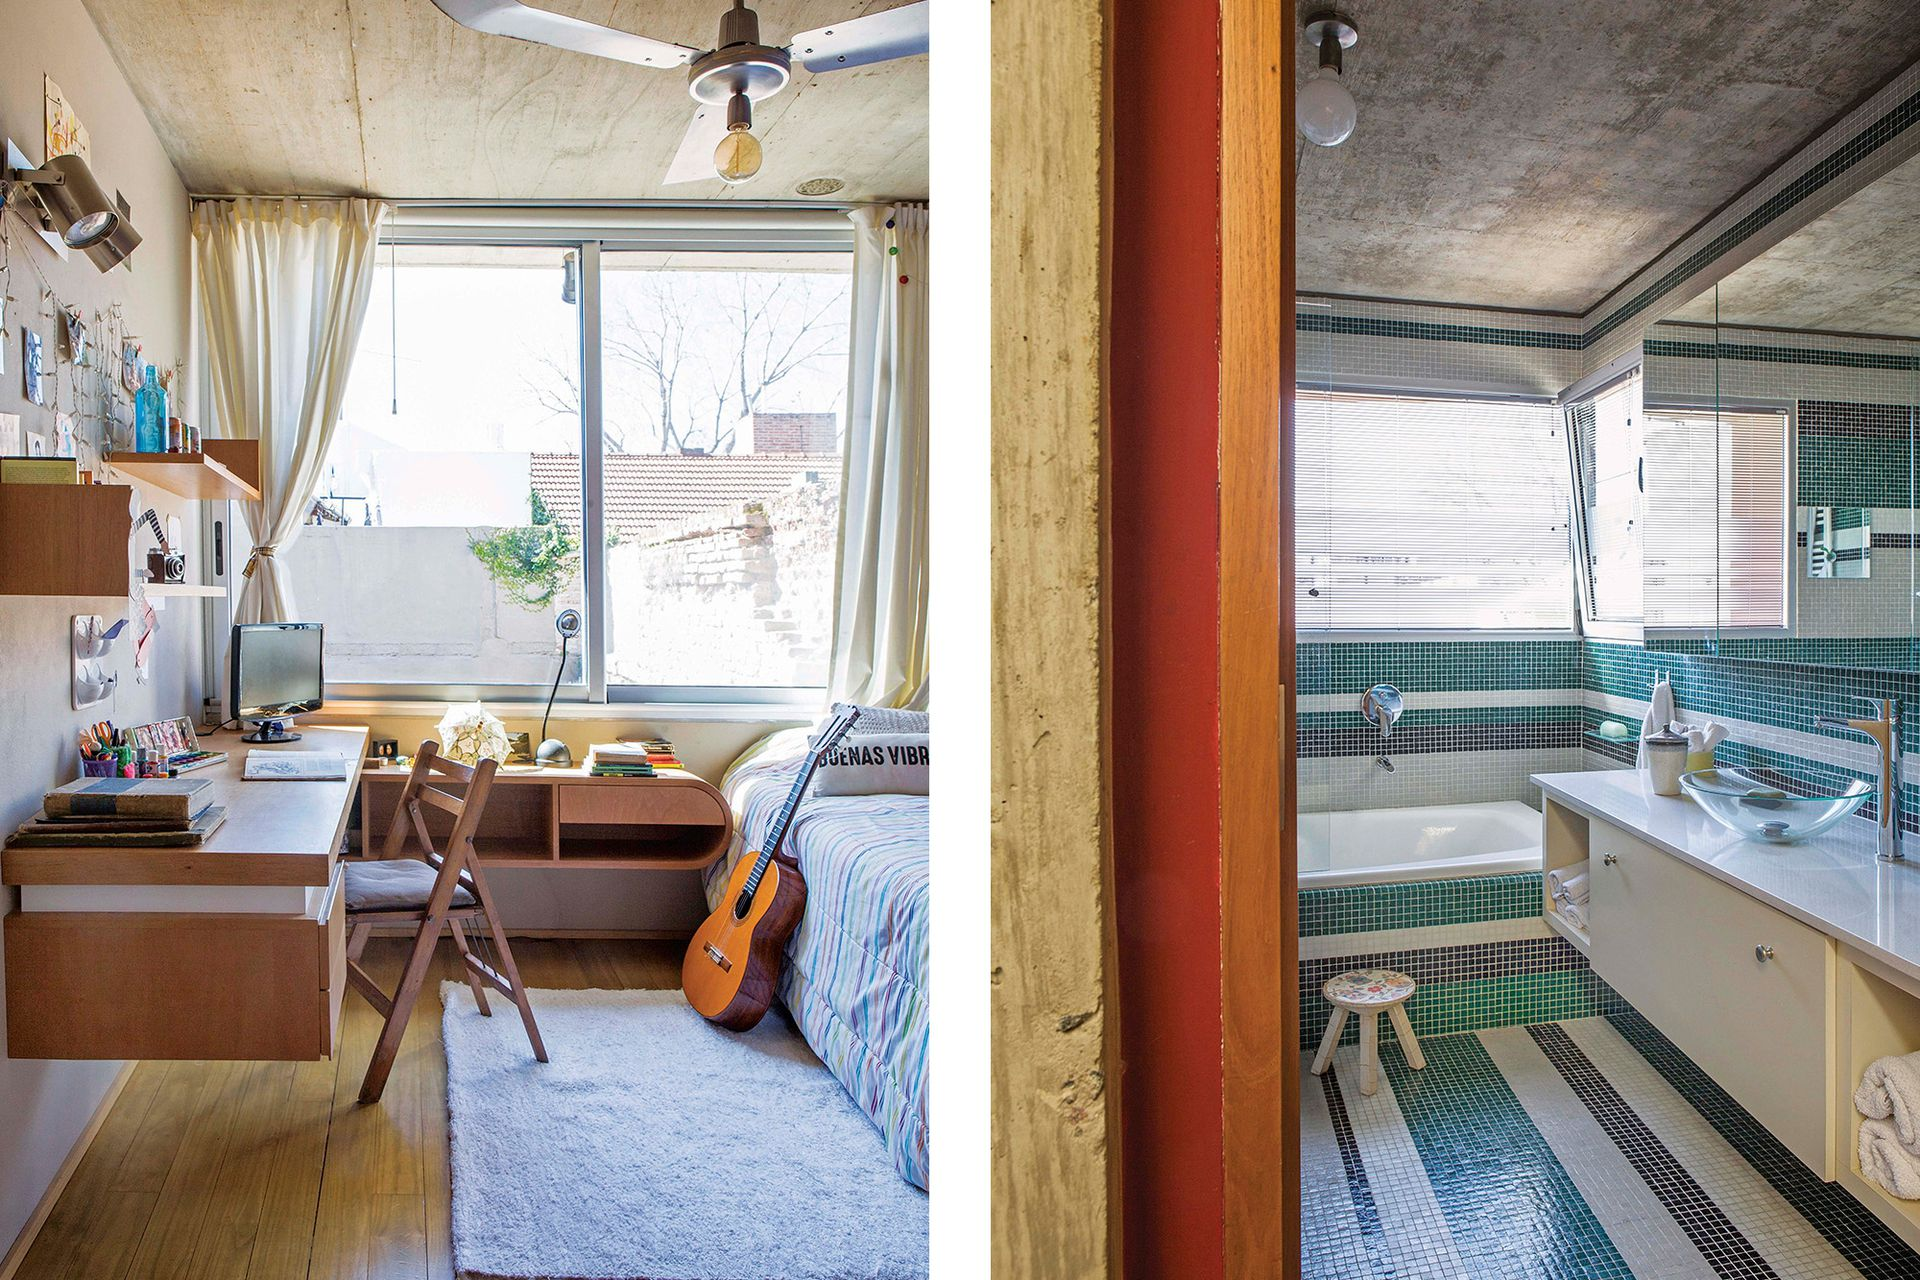 El baño principal tiene revestimiento de venecitas (Murvi), mueble flotante con bacha de apoyo translúcida y grifería (FV).